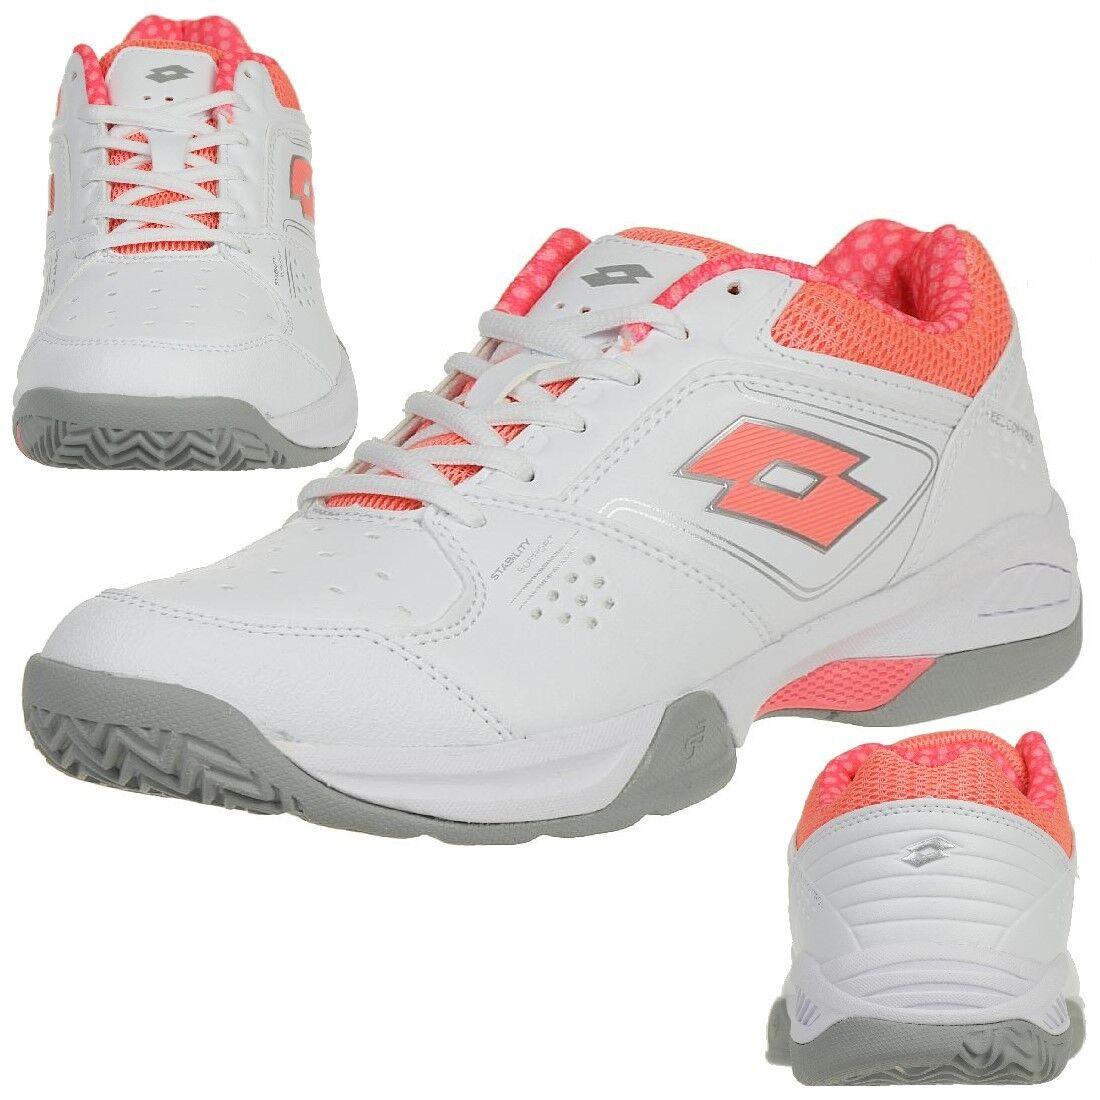 Lotto T-Tour 600 Xi W Ladies Multicourtschuh Tennis White Pink T6424